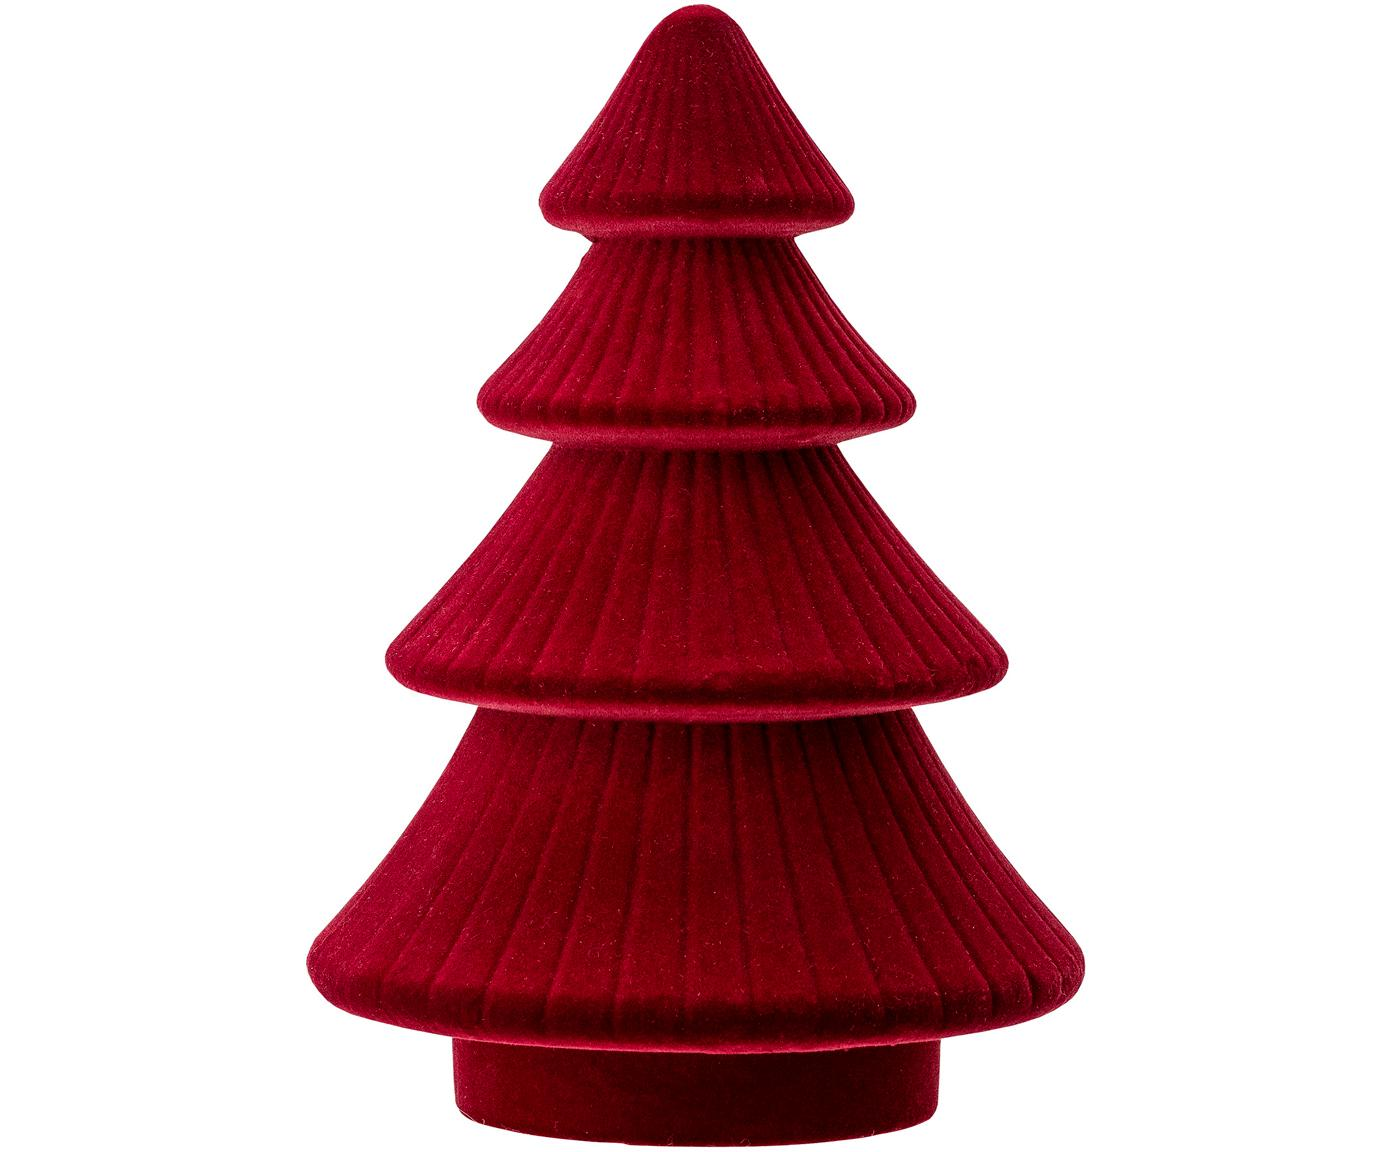 Oggetto decorativo in velluto Tree, Pannelli di fibra a media densità (MDF), velluto di poliestere, Rosso, Ø 14 x Alt. 20 cm